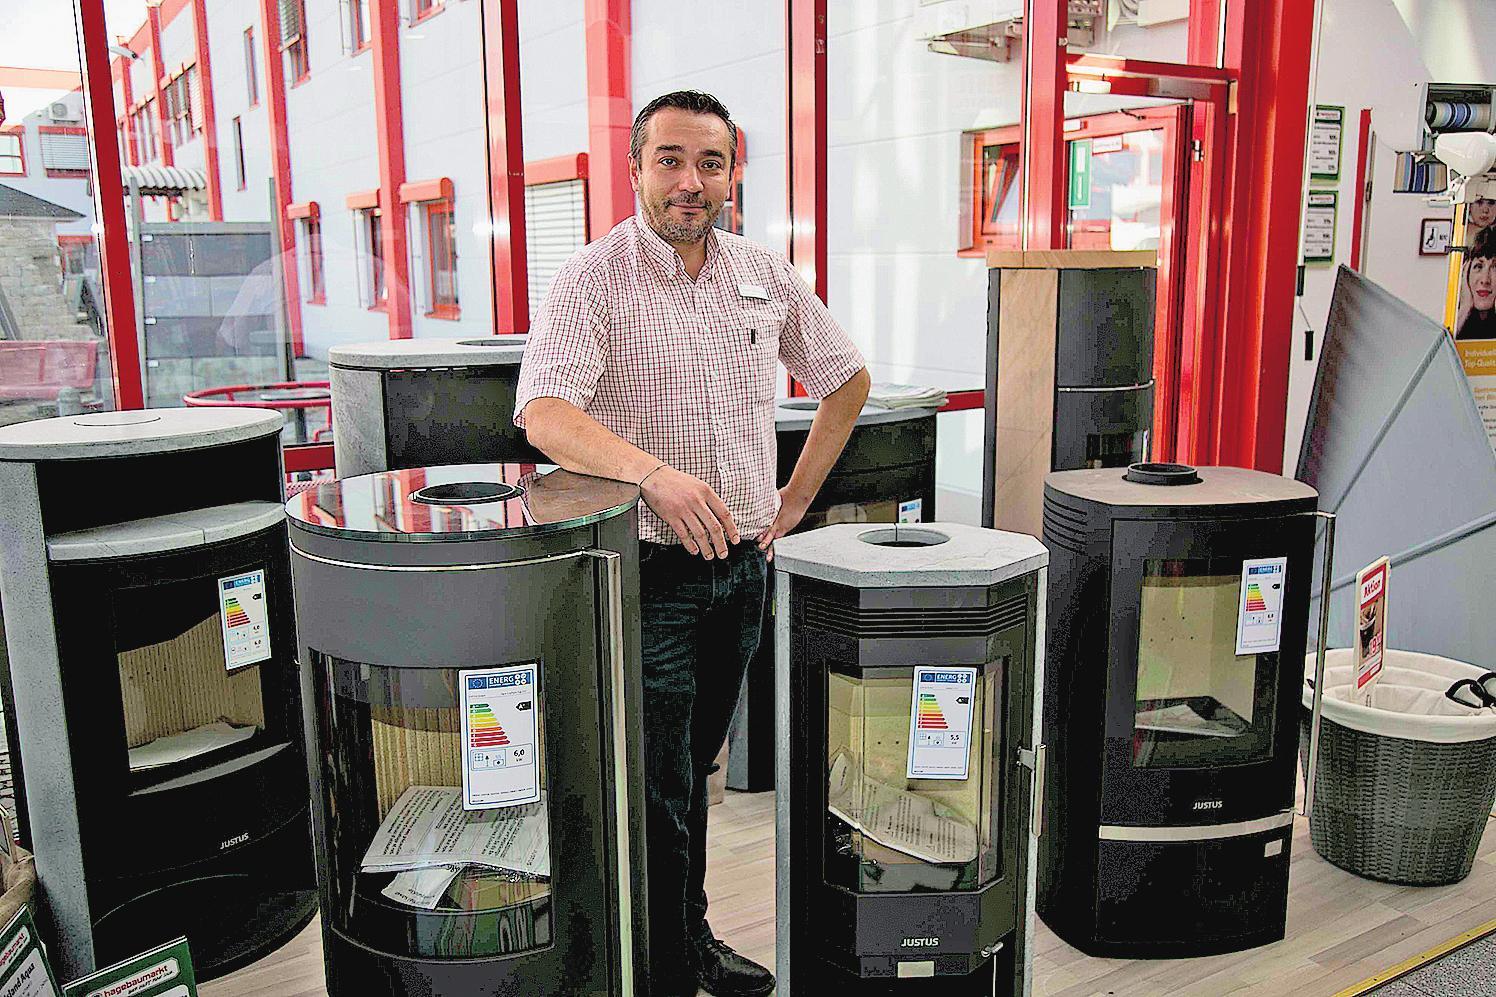 Abteilungsleiter Akin Demirkaya vom Hagebaucentrum Altenburg kennt sich in puncto Kaminöfen bestens aus. FOTO: RG